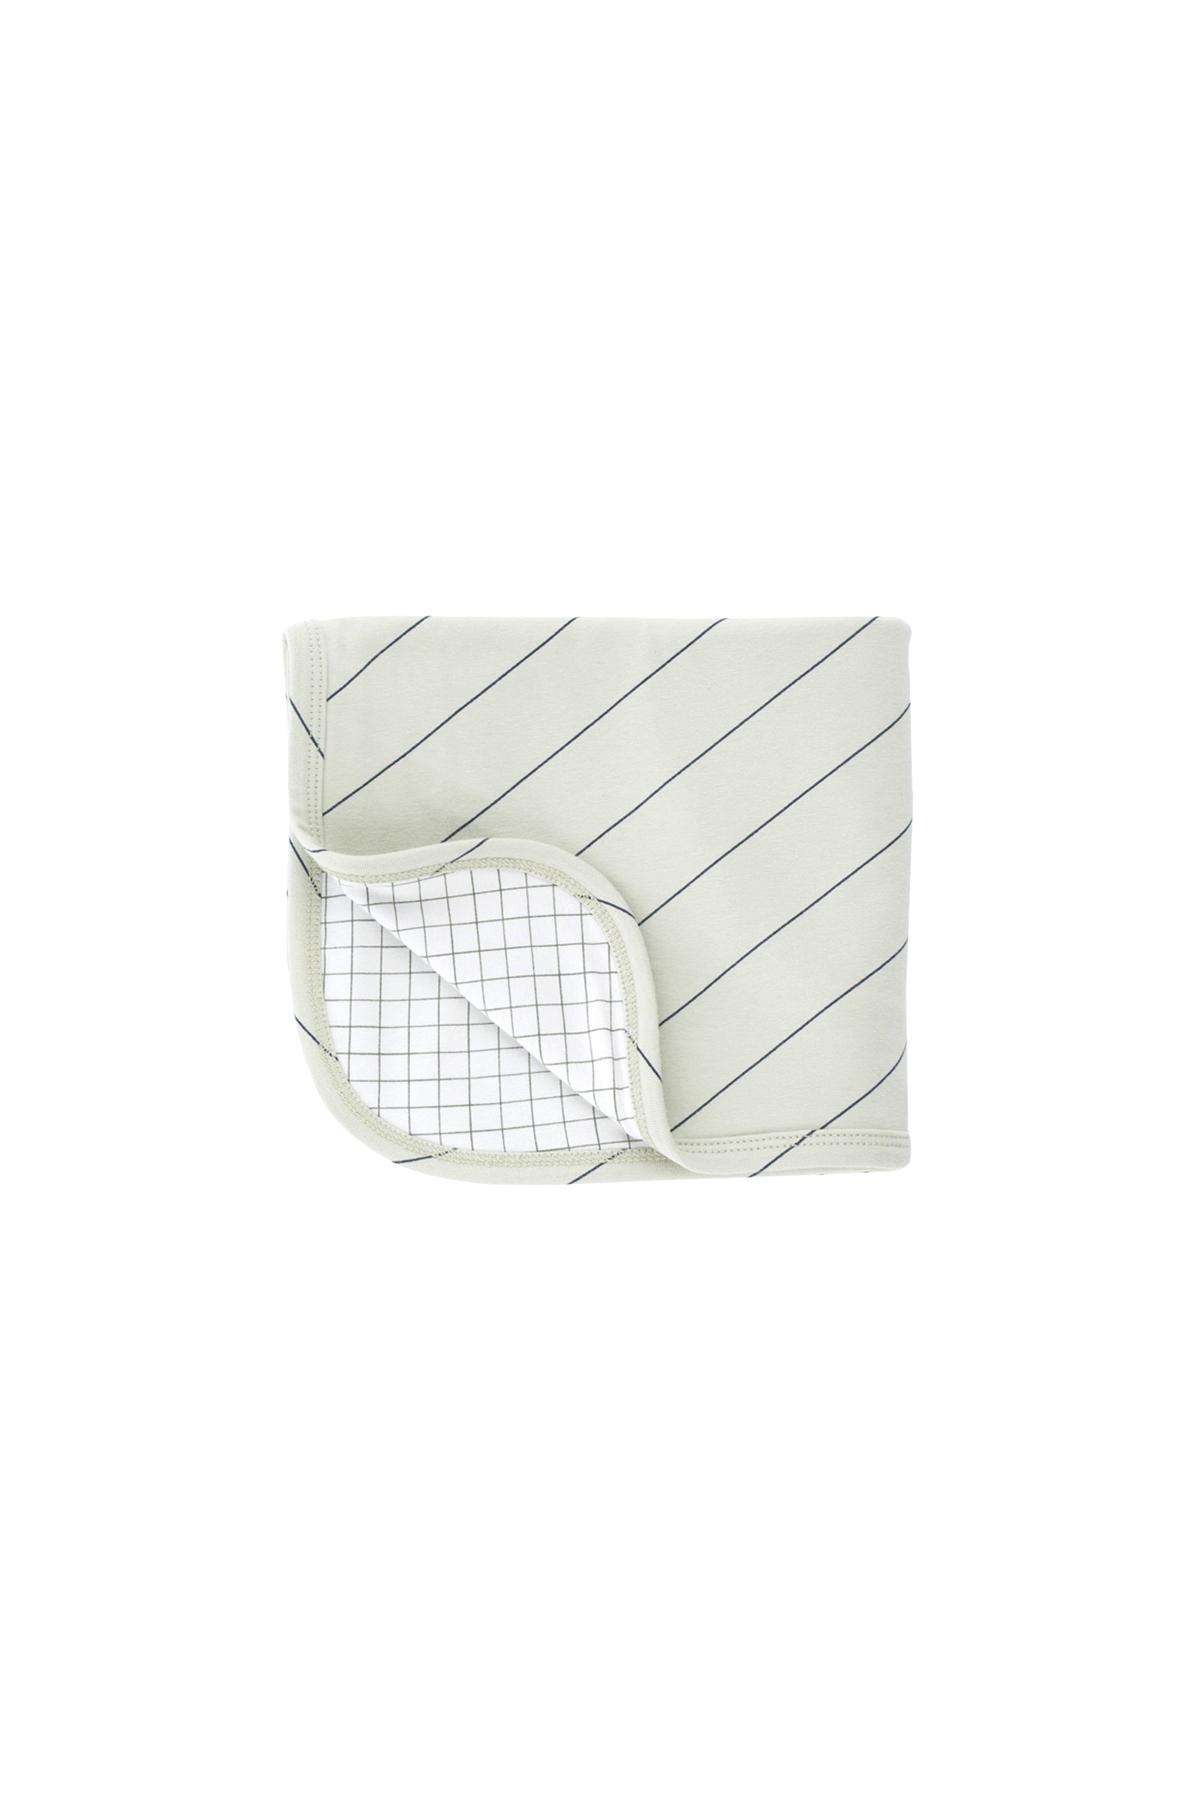 《tinycottons 2018AW》diagonal stripes blanket / pistacho × navy